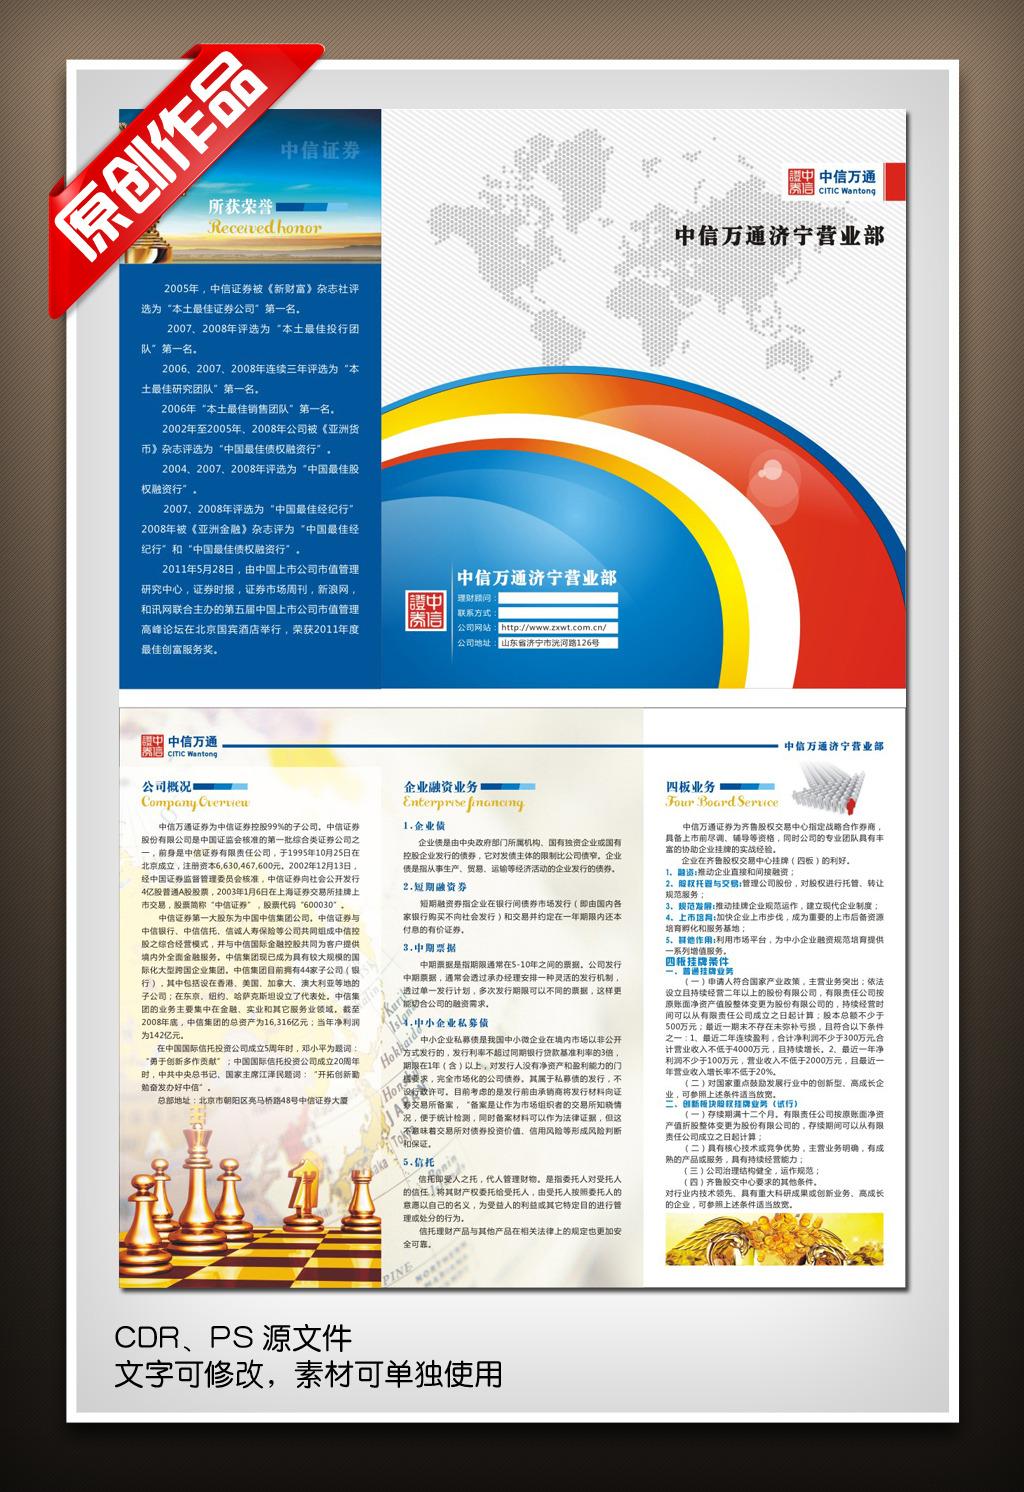 蓝色宣传单三折页设计模板下载 品牌设计 dm单设计 投资公司 金融公司